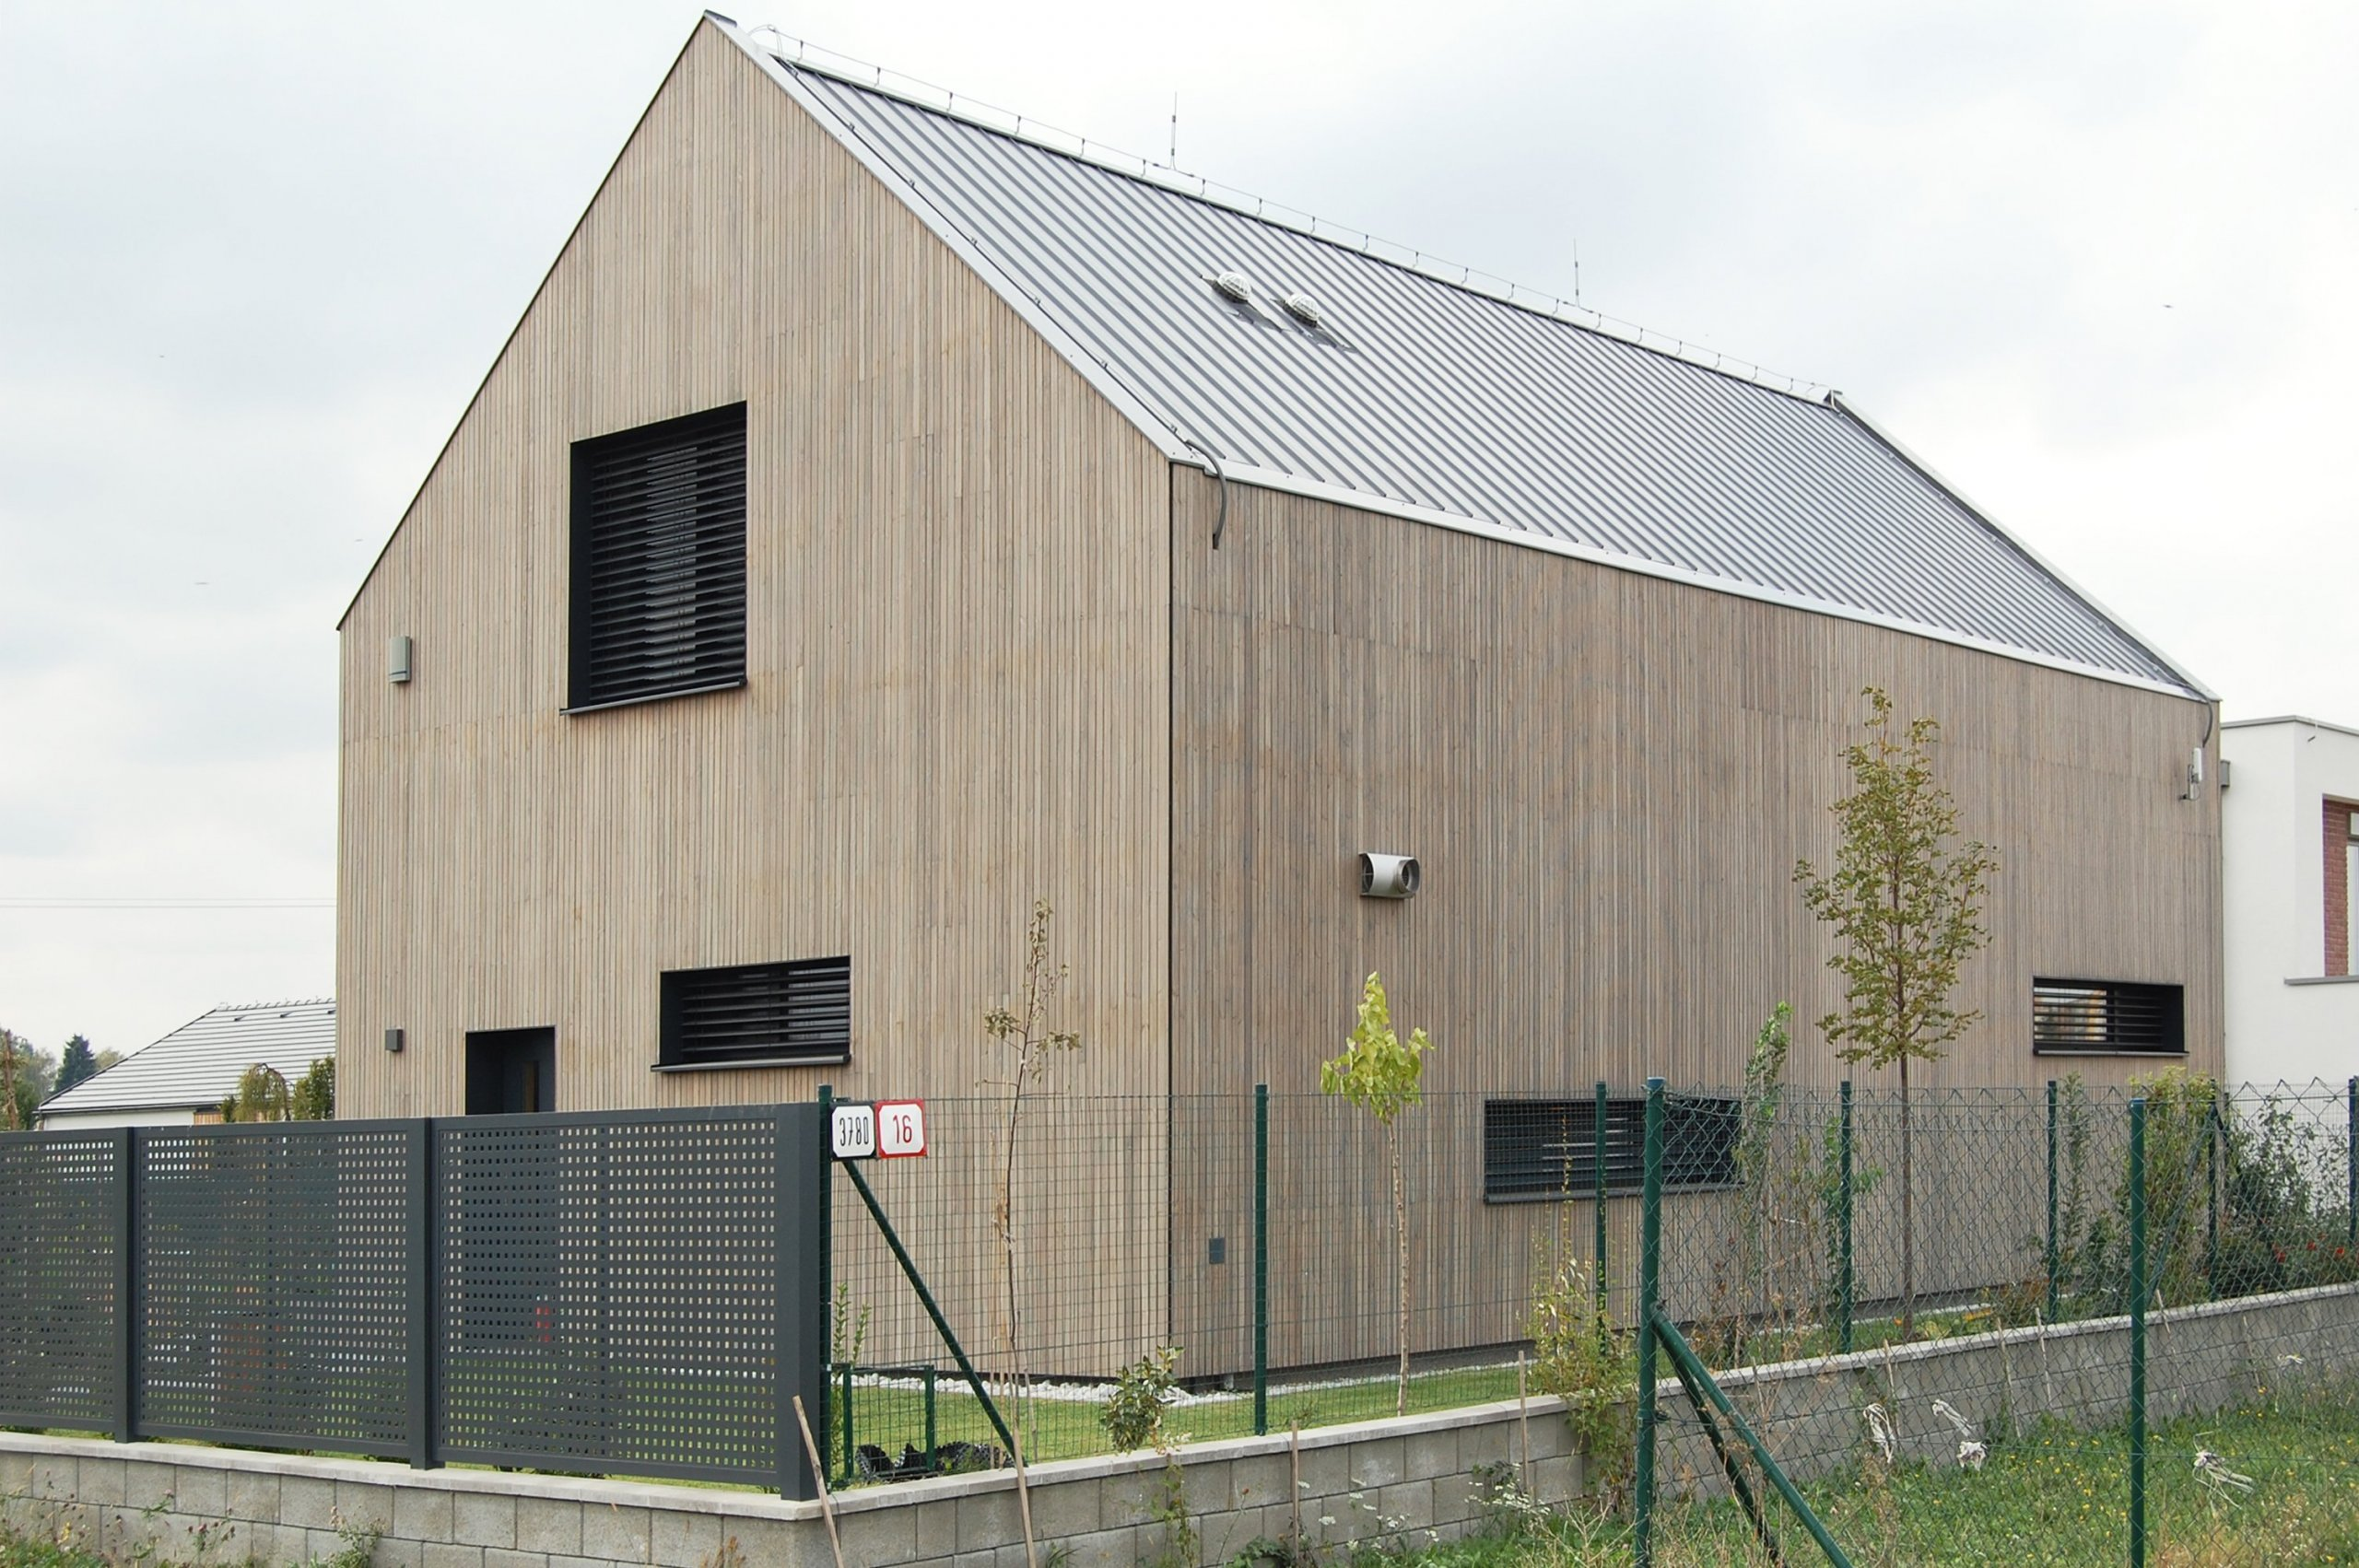 Rodinný dom je navrhnutý ako pasívny, pričom v sebe zhmotňuje moderné technológie a dizajn vychádzajúci z tradičnej architektúry. Drevo ako základný materiál…